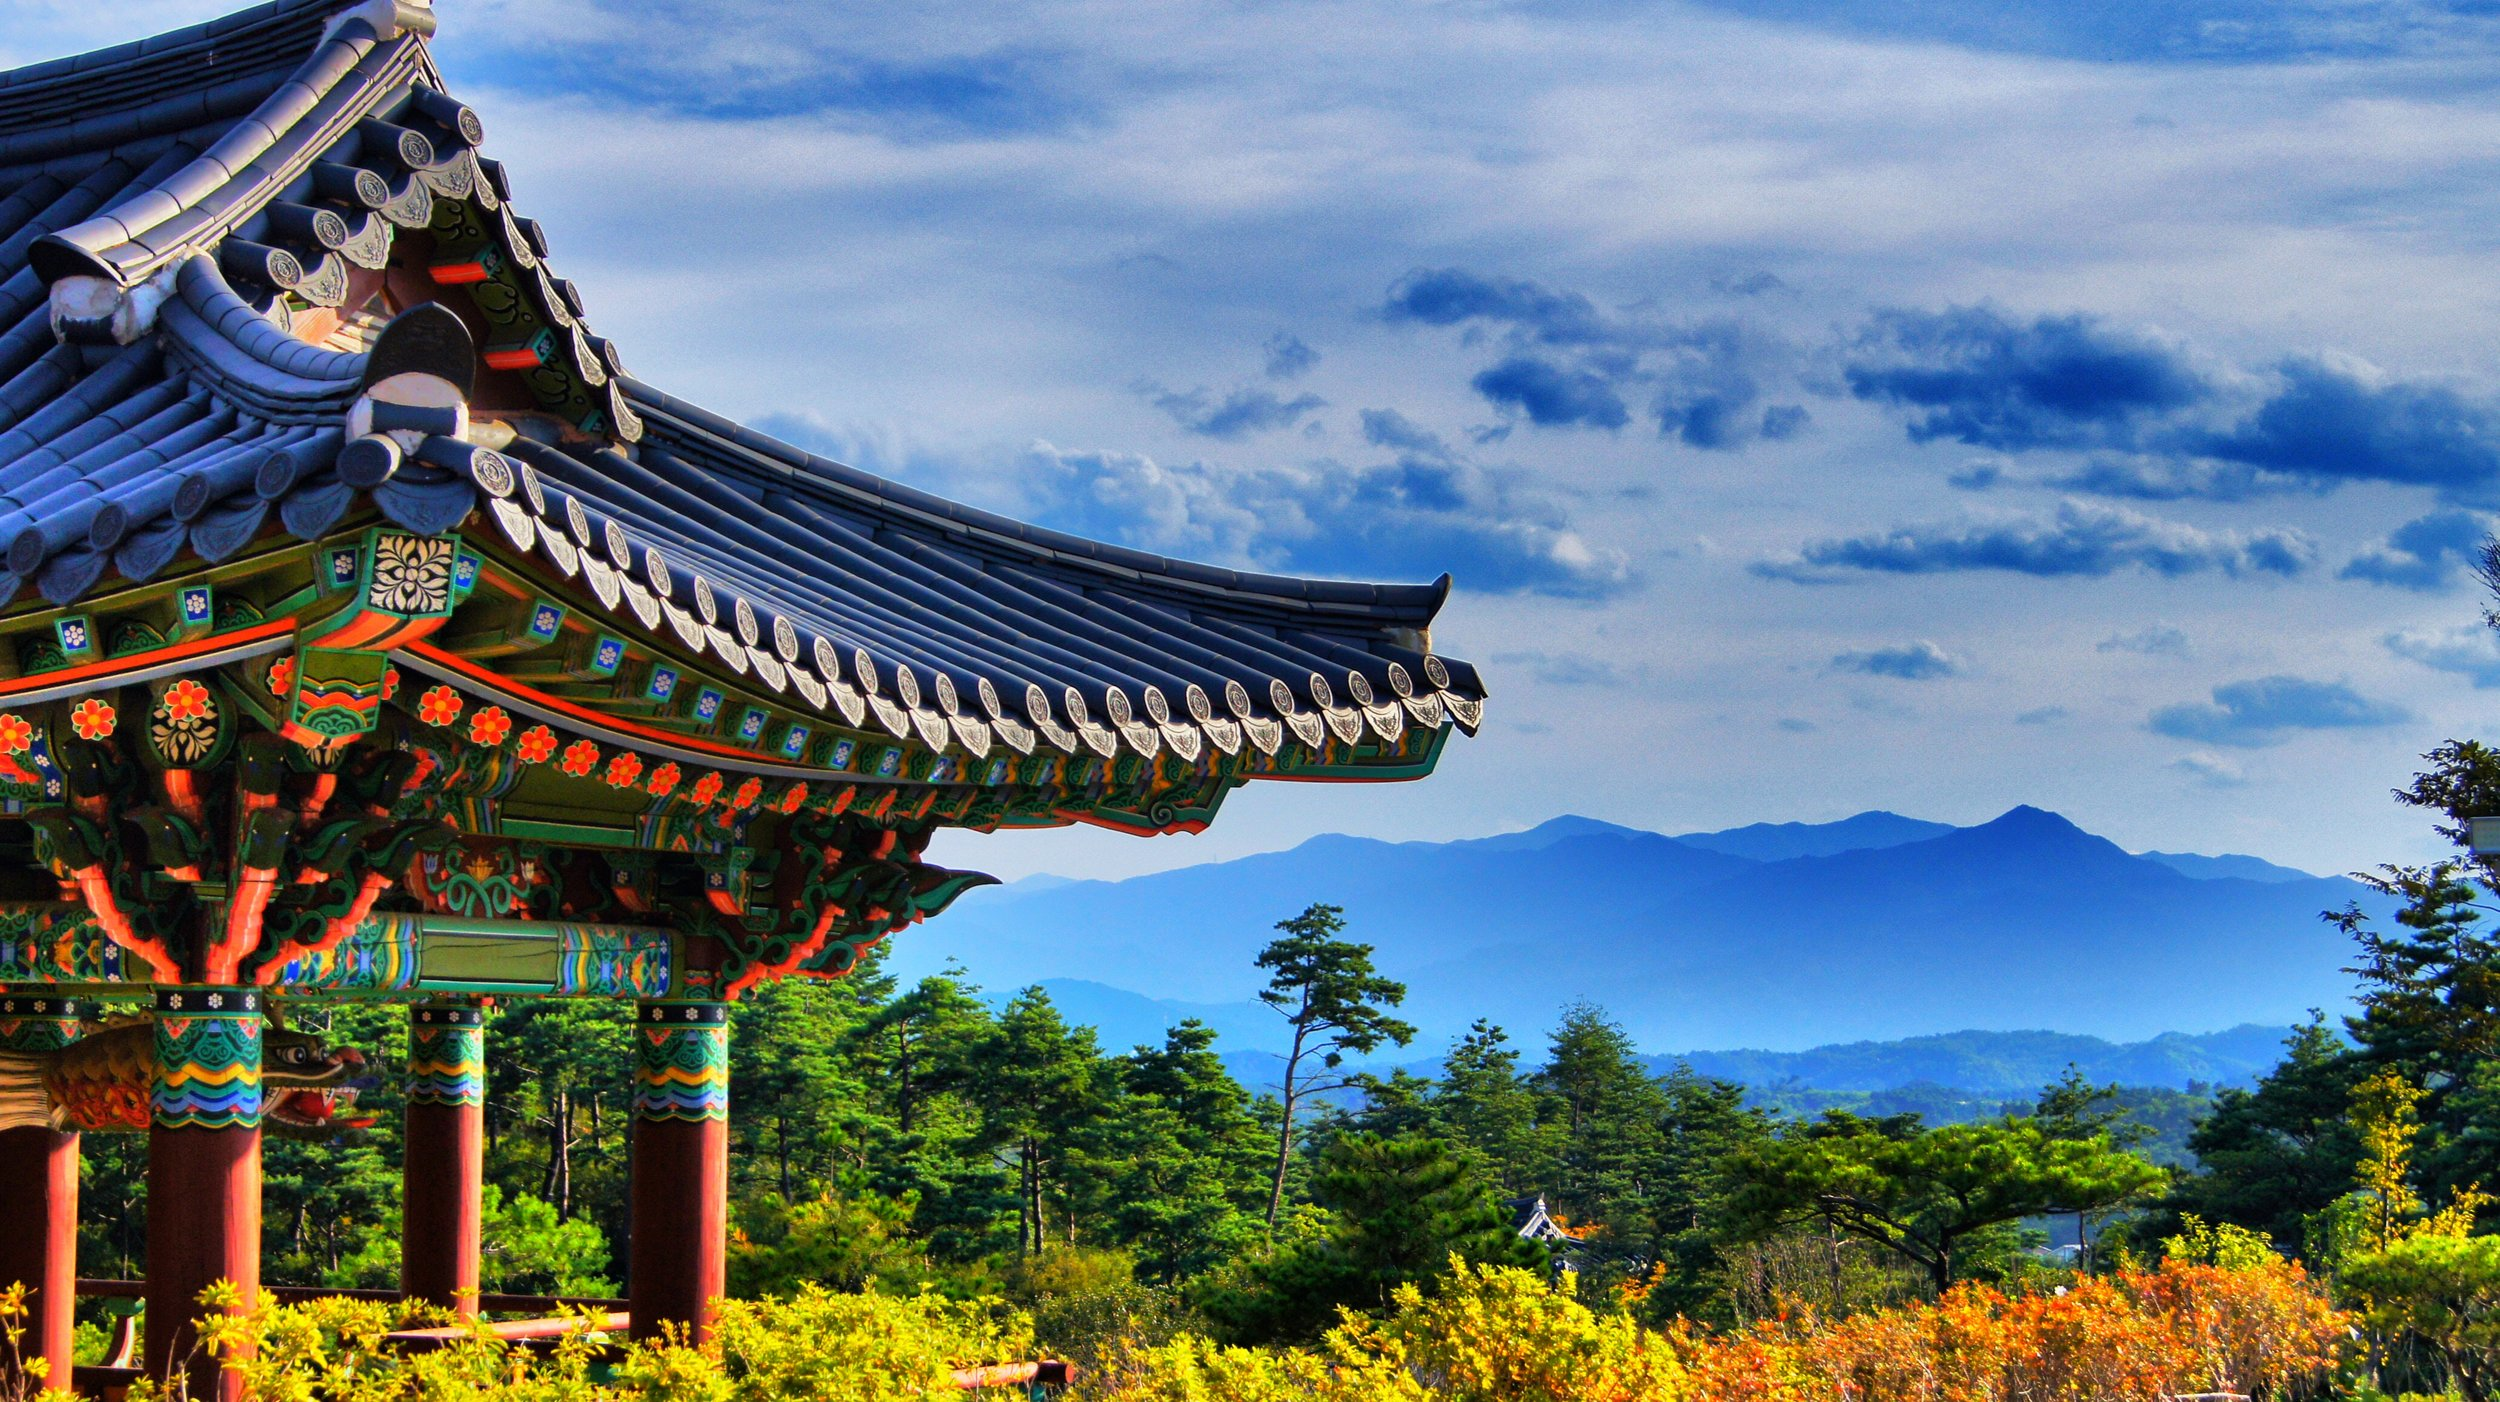 برامج الترفيه - تمتع بأهم المقاصد السياحية في كوريا الجنوبية من طبيعة وجزر وملاهي وأسواق ومتاحف وأنشطة سياحية تناسب جميع الفئات من العائلات والأصدقاء والأزواج.